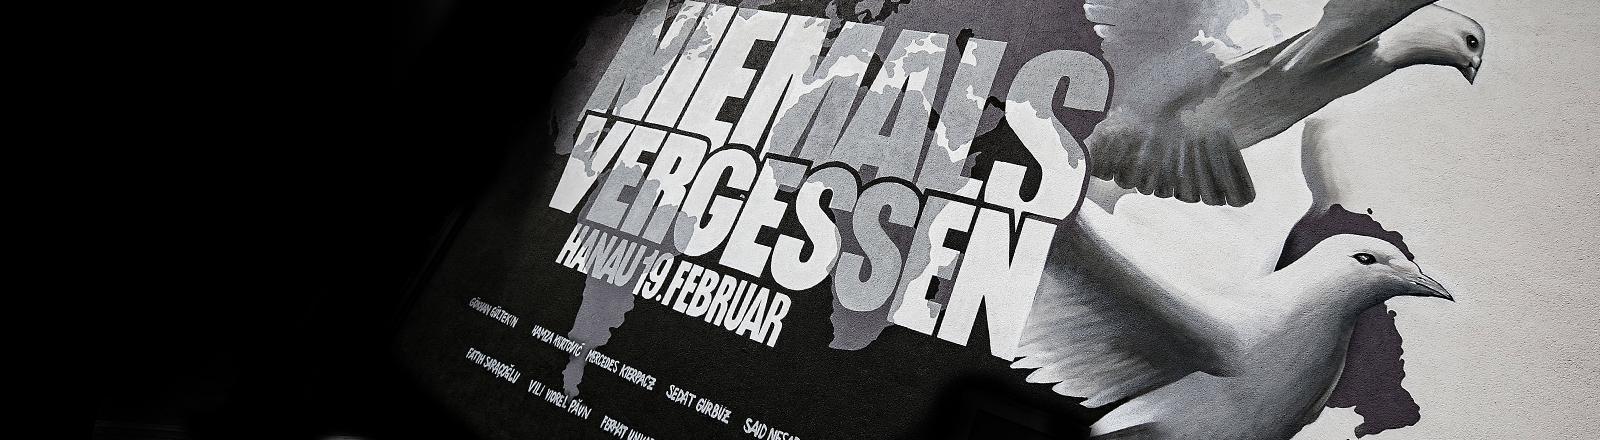 Ein Graffito erinnert an den Terroranschlag von Hanau am 19. Februar 2020.